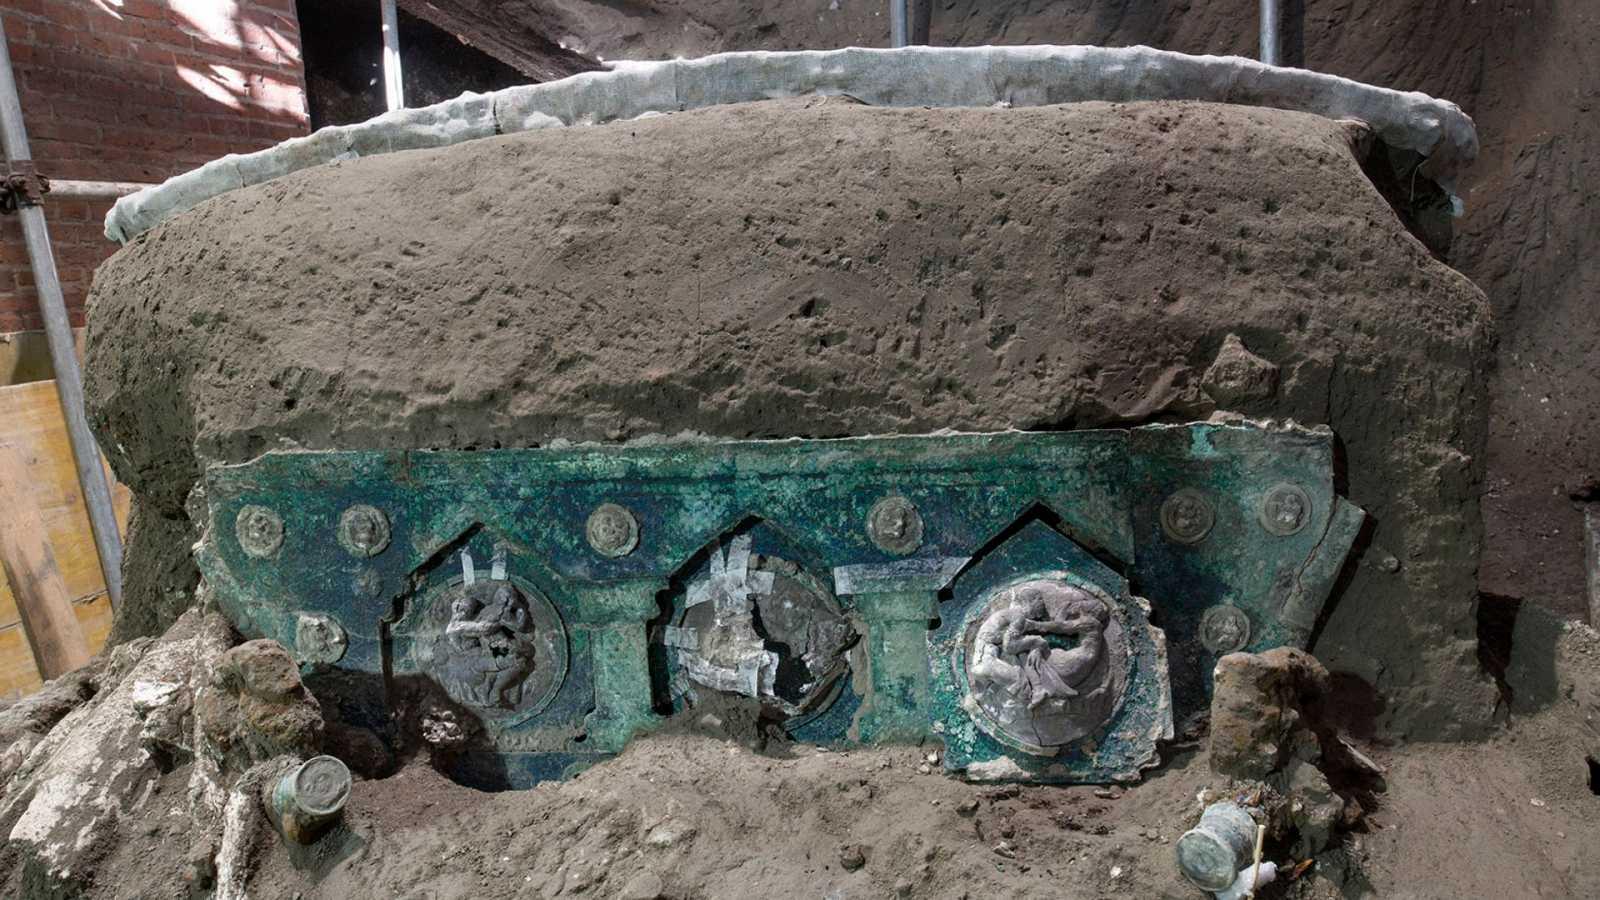 Descubren una gran carroza ceremonial casi intacta en el área arqueológica de Pompeya